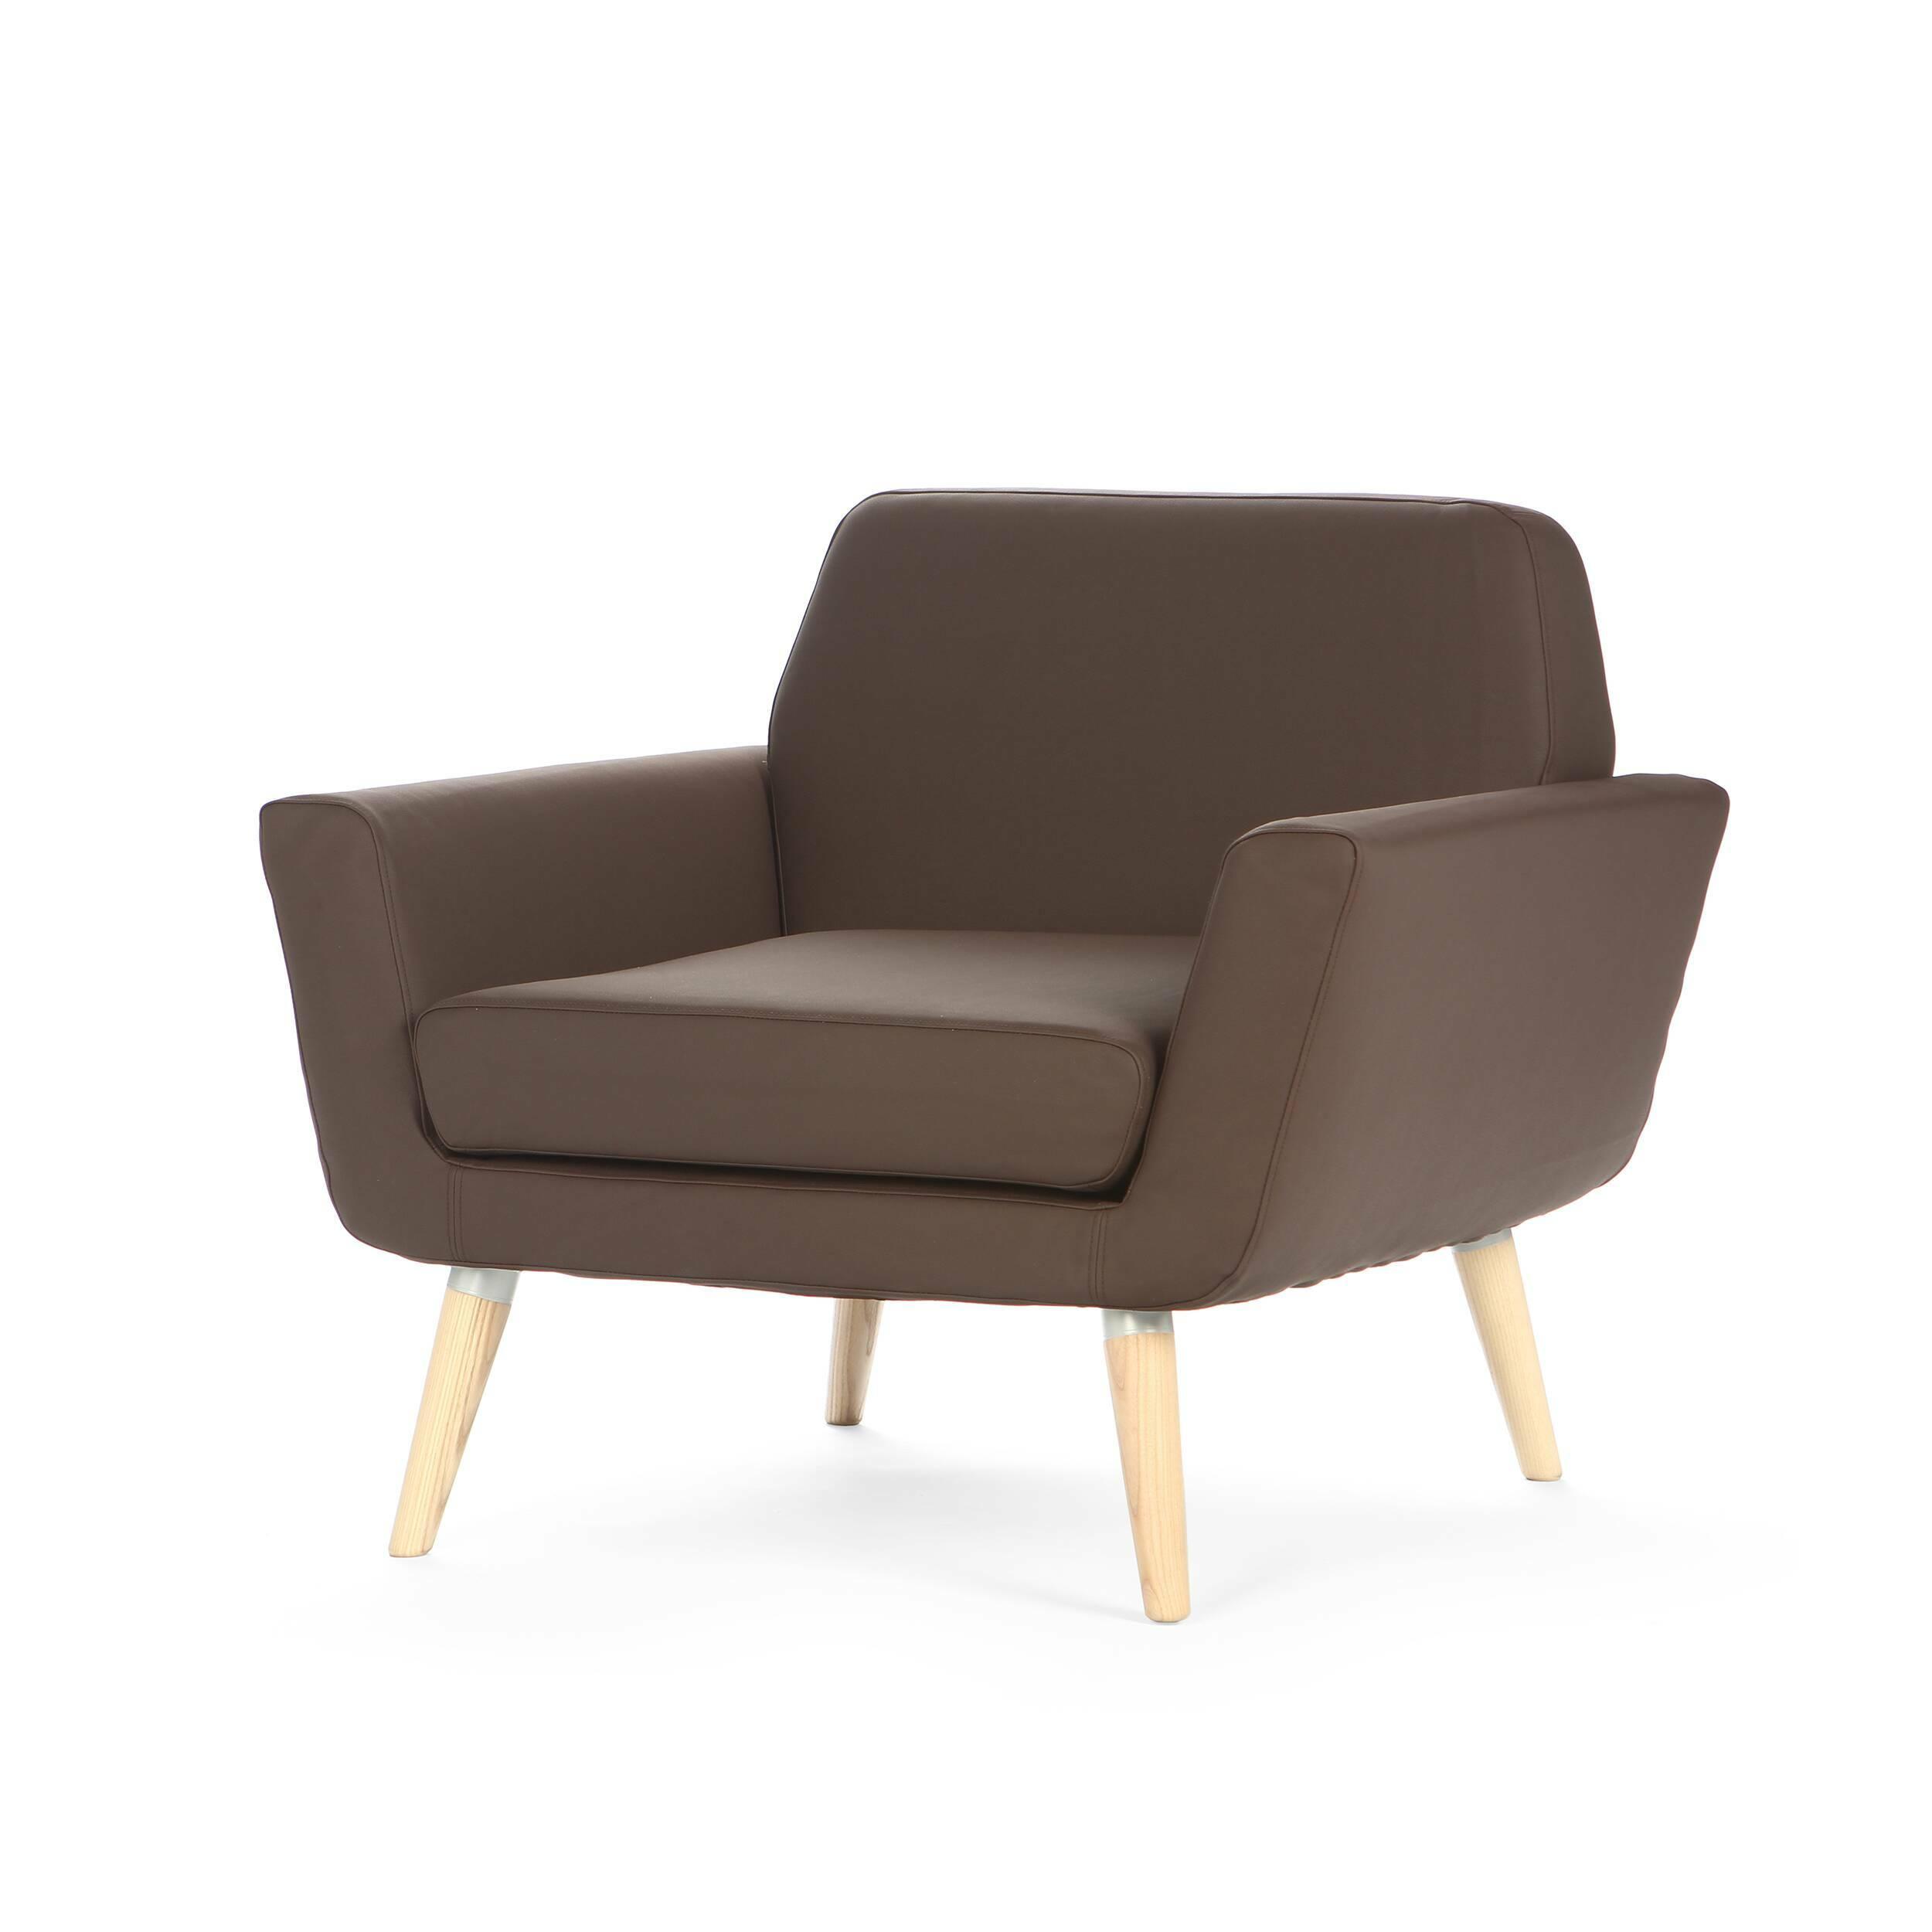 Кресло ScopeИнтерьерные<br>Дизайнерское небольшое кресло Scope (Скоуп) с кожаной обивкой на деревянных ножках от Softline (Софтлайн).<br><br><br> В городских квартирах, где на счету каждый сантиметр свободного пространства, кресло Scope станет идеальным для вас вариантом. Благодаря небольшой, удобной и компактной форме кресло Scope прекрасно впишется в современный интерьер. Оно весьма незамысловато, поэтому вы не ограничены в использовании дополнительных аксессуаров. Всего одной деталью вы можете придать изделию новый обли...<br><br>stock: 0<br>Высота: 73<br>Высота сиденья: 39<br>Ширина: 83<br>Глубина: 80<br>Материал обивки: Кожа эко<br>Цвет обивки: Тёмно-коричневый